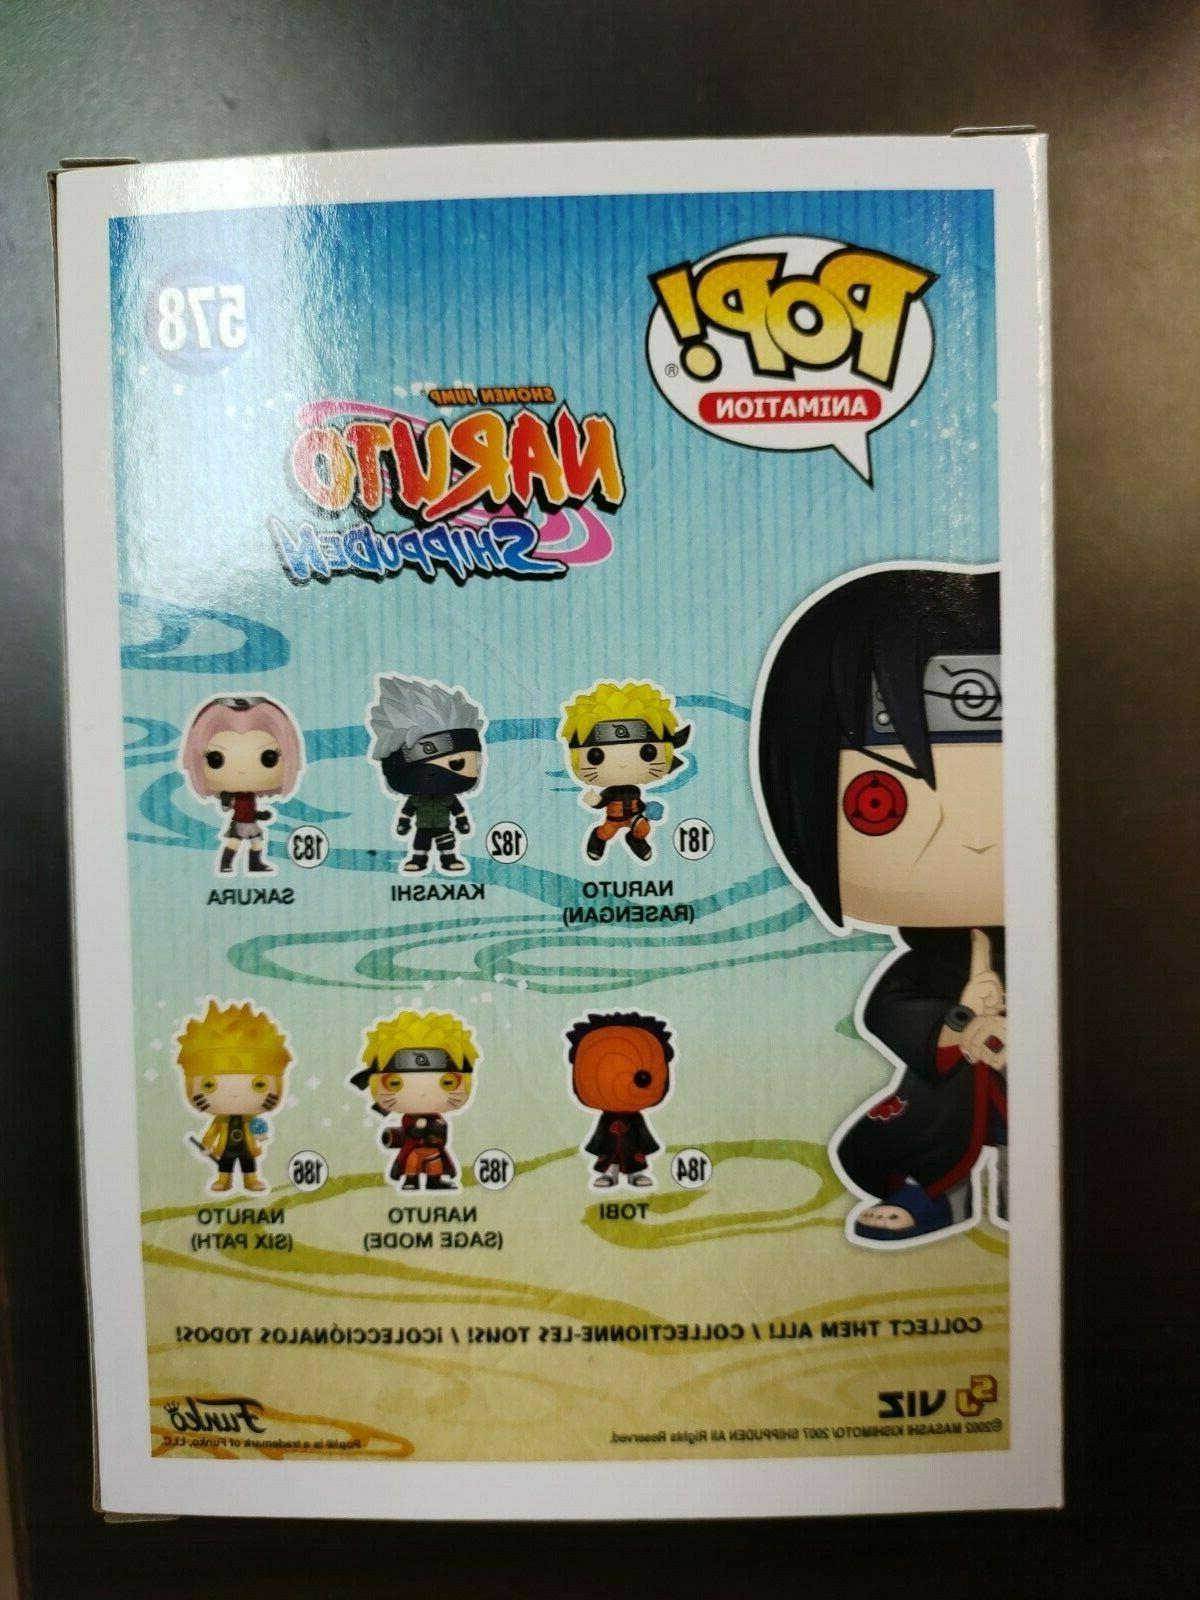 Itachi #578 Naruto Shippuden Vinyl Special Edition